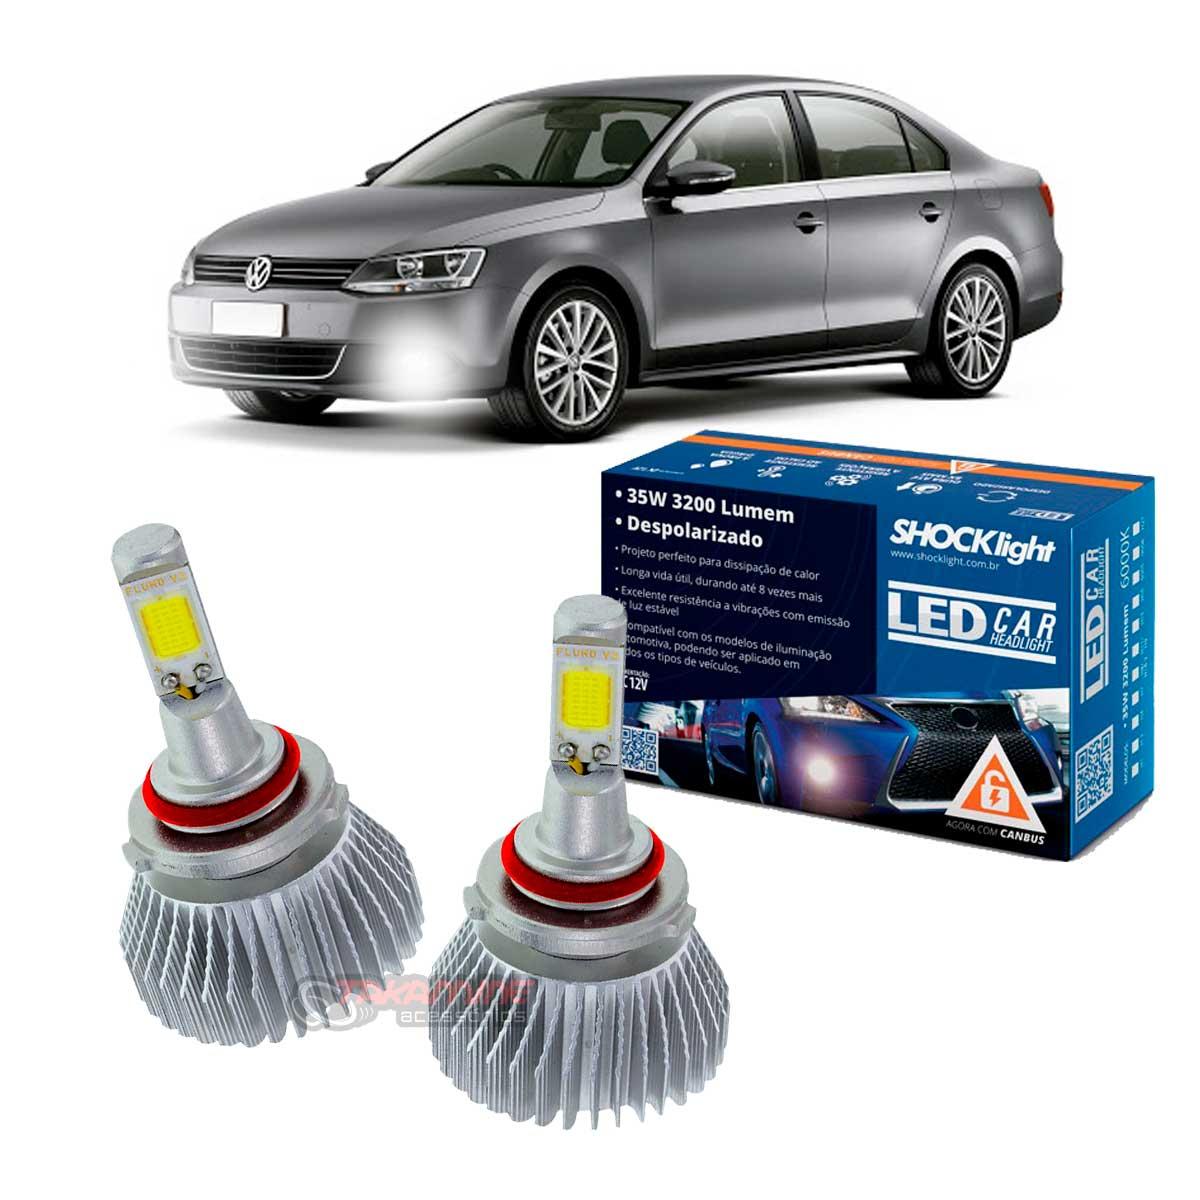 Kit LED Jetta 2007 2008 2009 2010 2011 2012 2013 2014 tipo xenon farol de milha HB4 35W Headlight